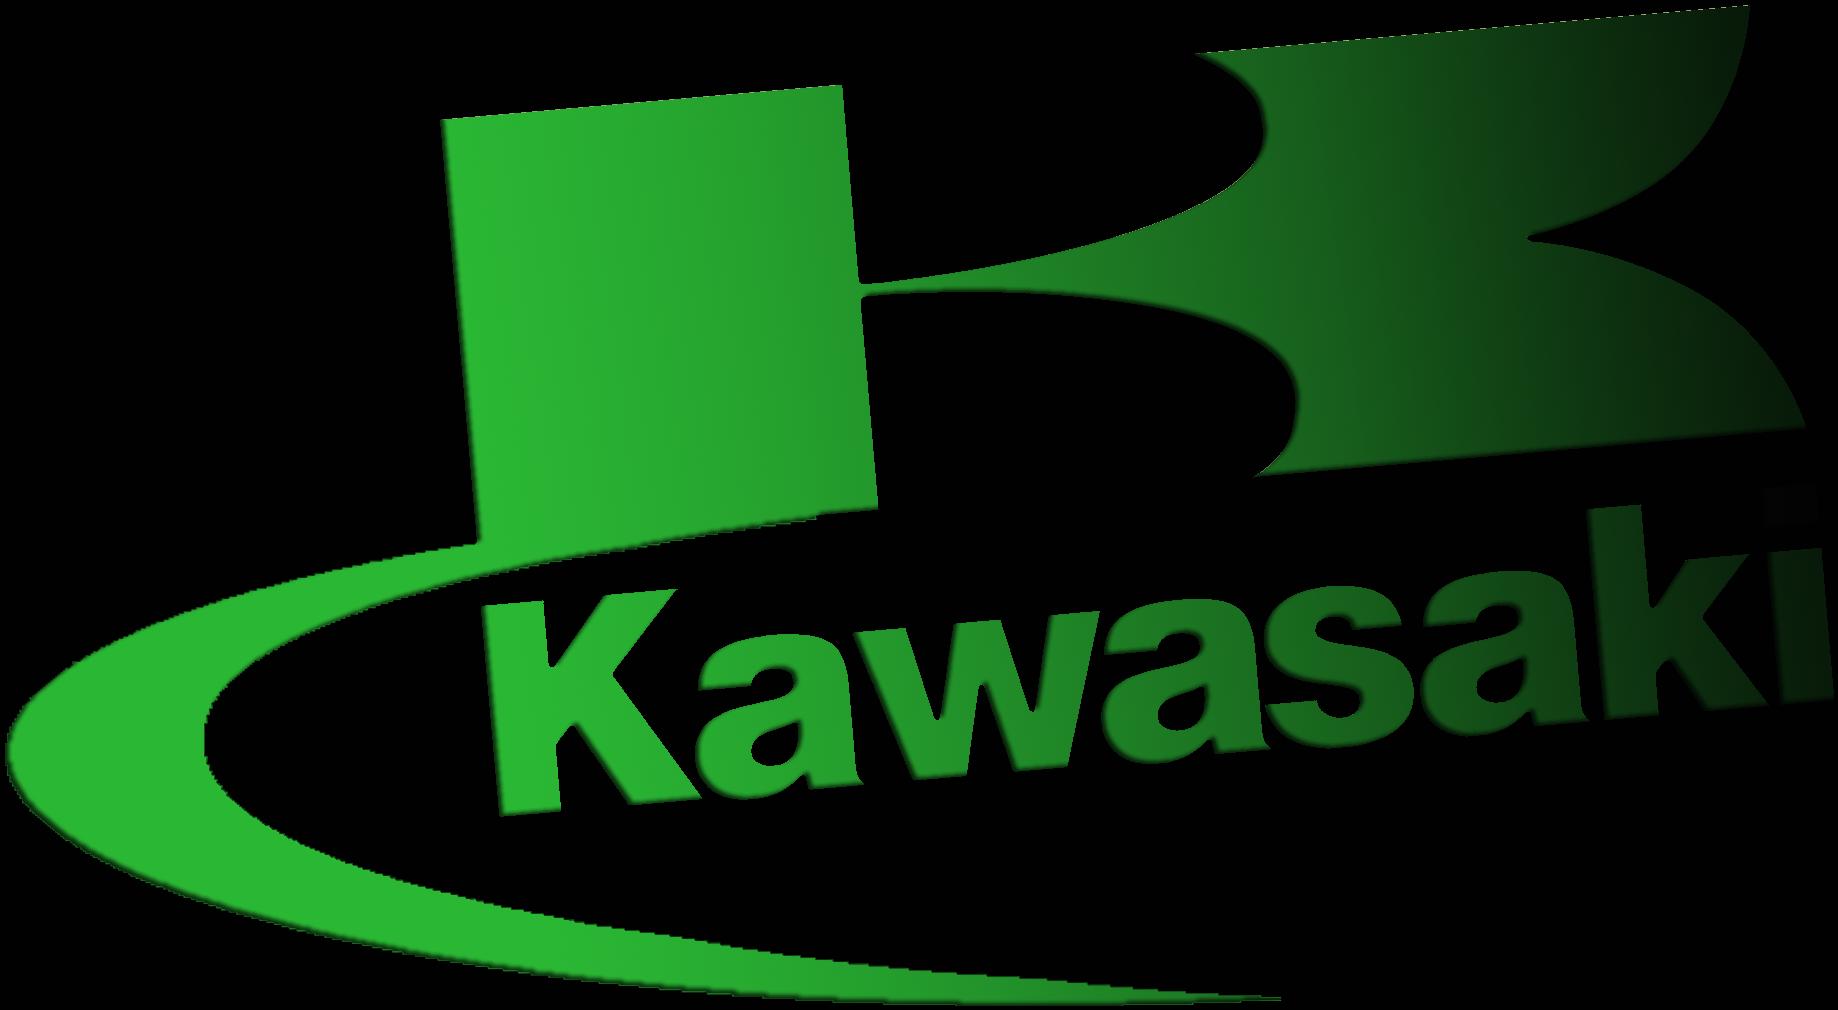 Motorcycle Servicing In Kawasaki Logo Png Kawasaki Logos Kawasaki Motorcycles